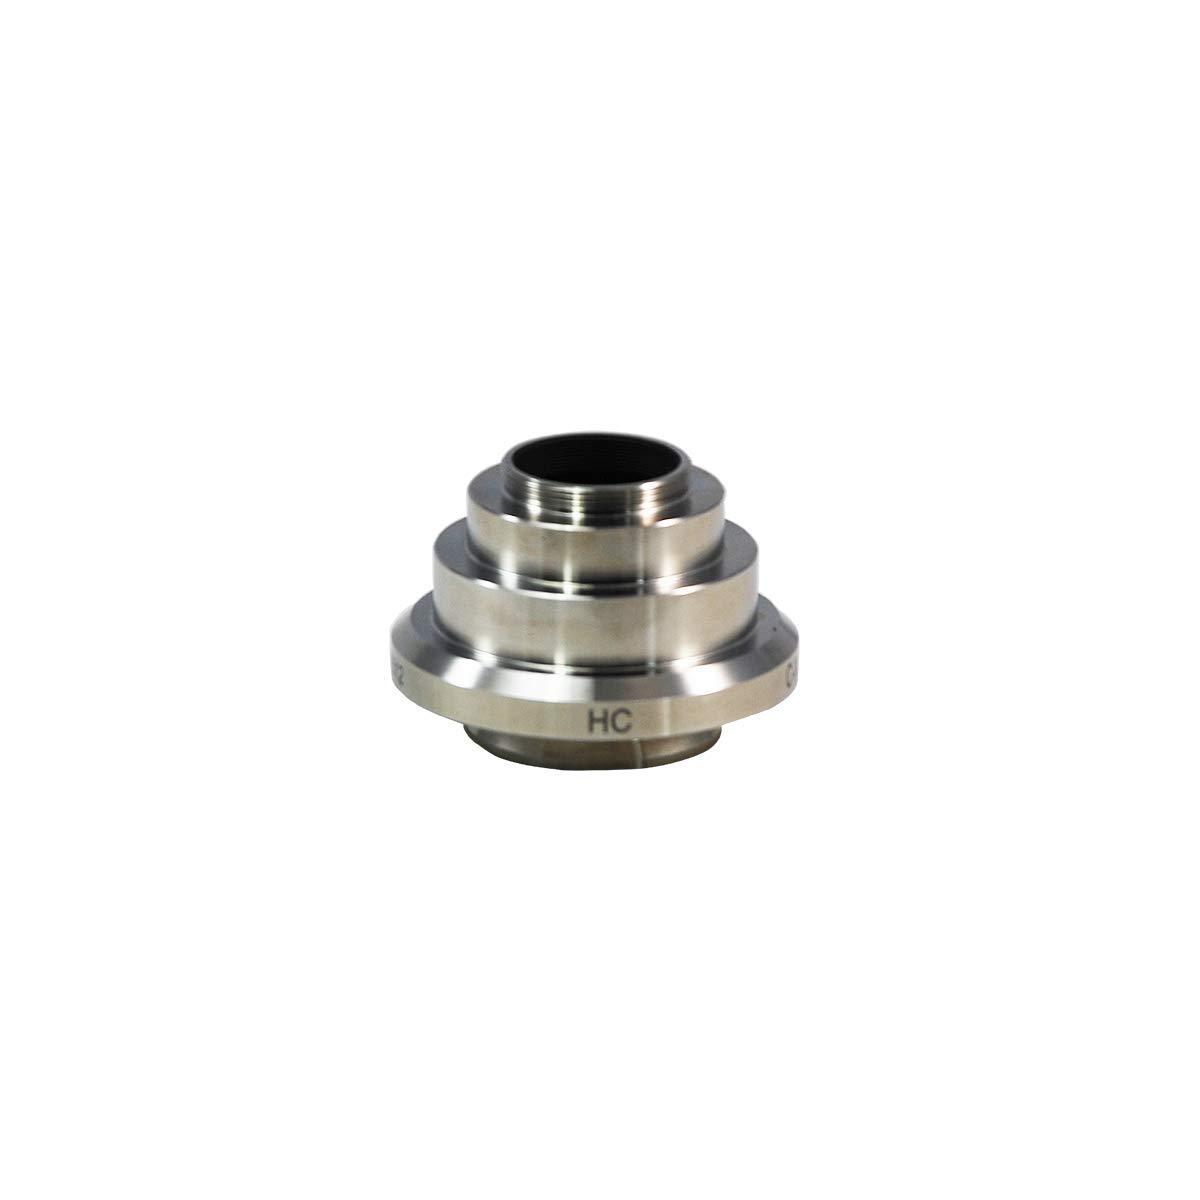 Leica 0.35XマイクロスコープカメラカプラーCマウントアダプター 34mm CP29521301   B078J7BGLX